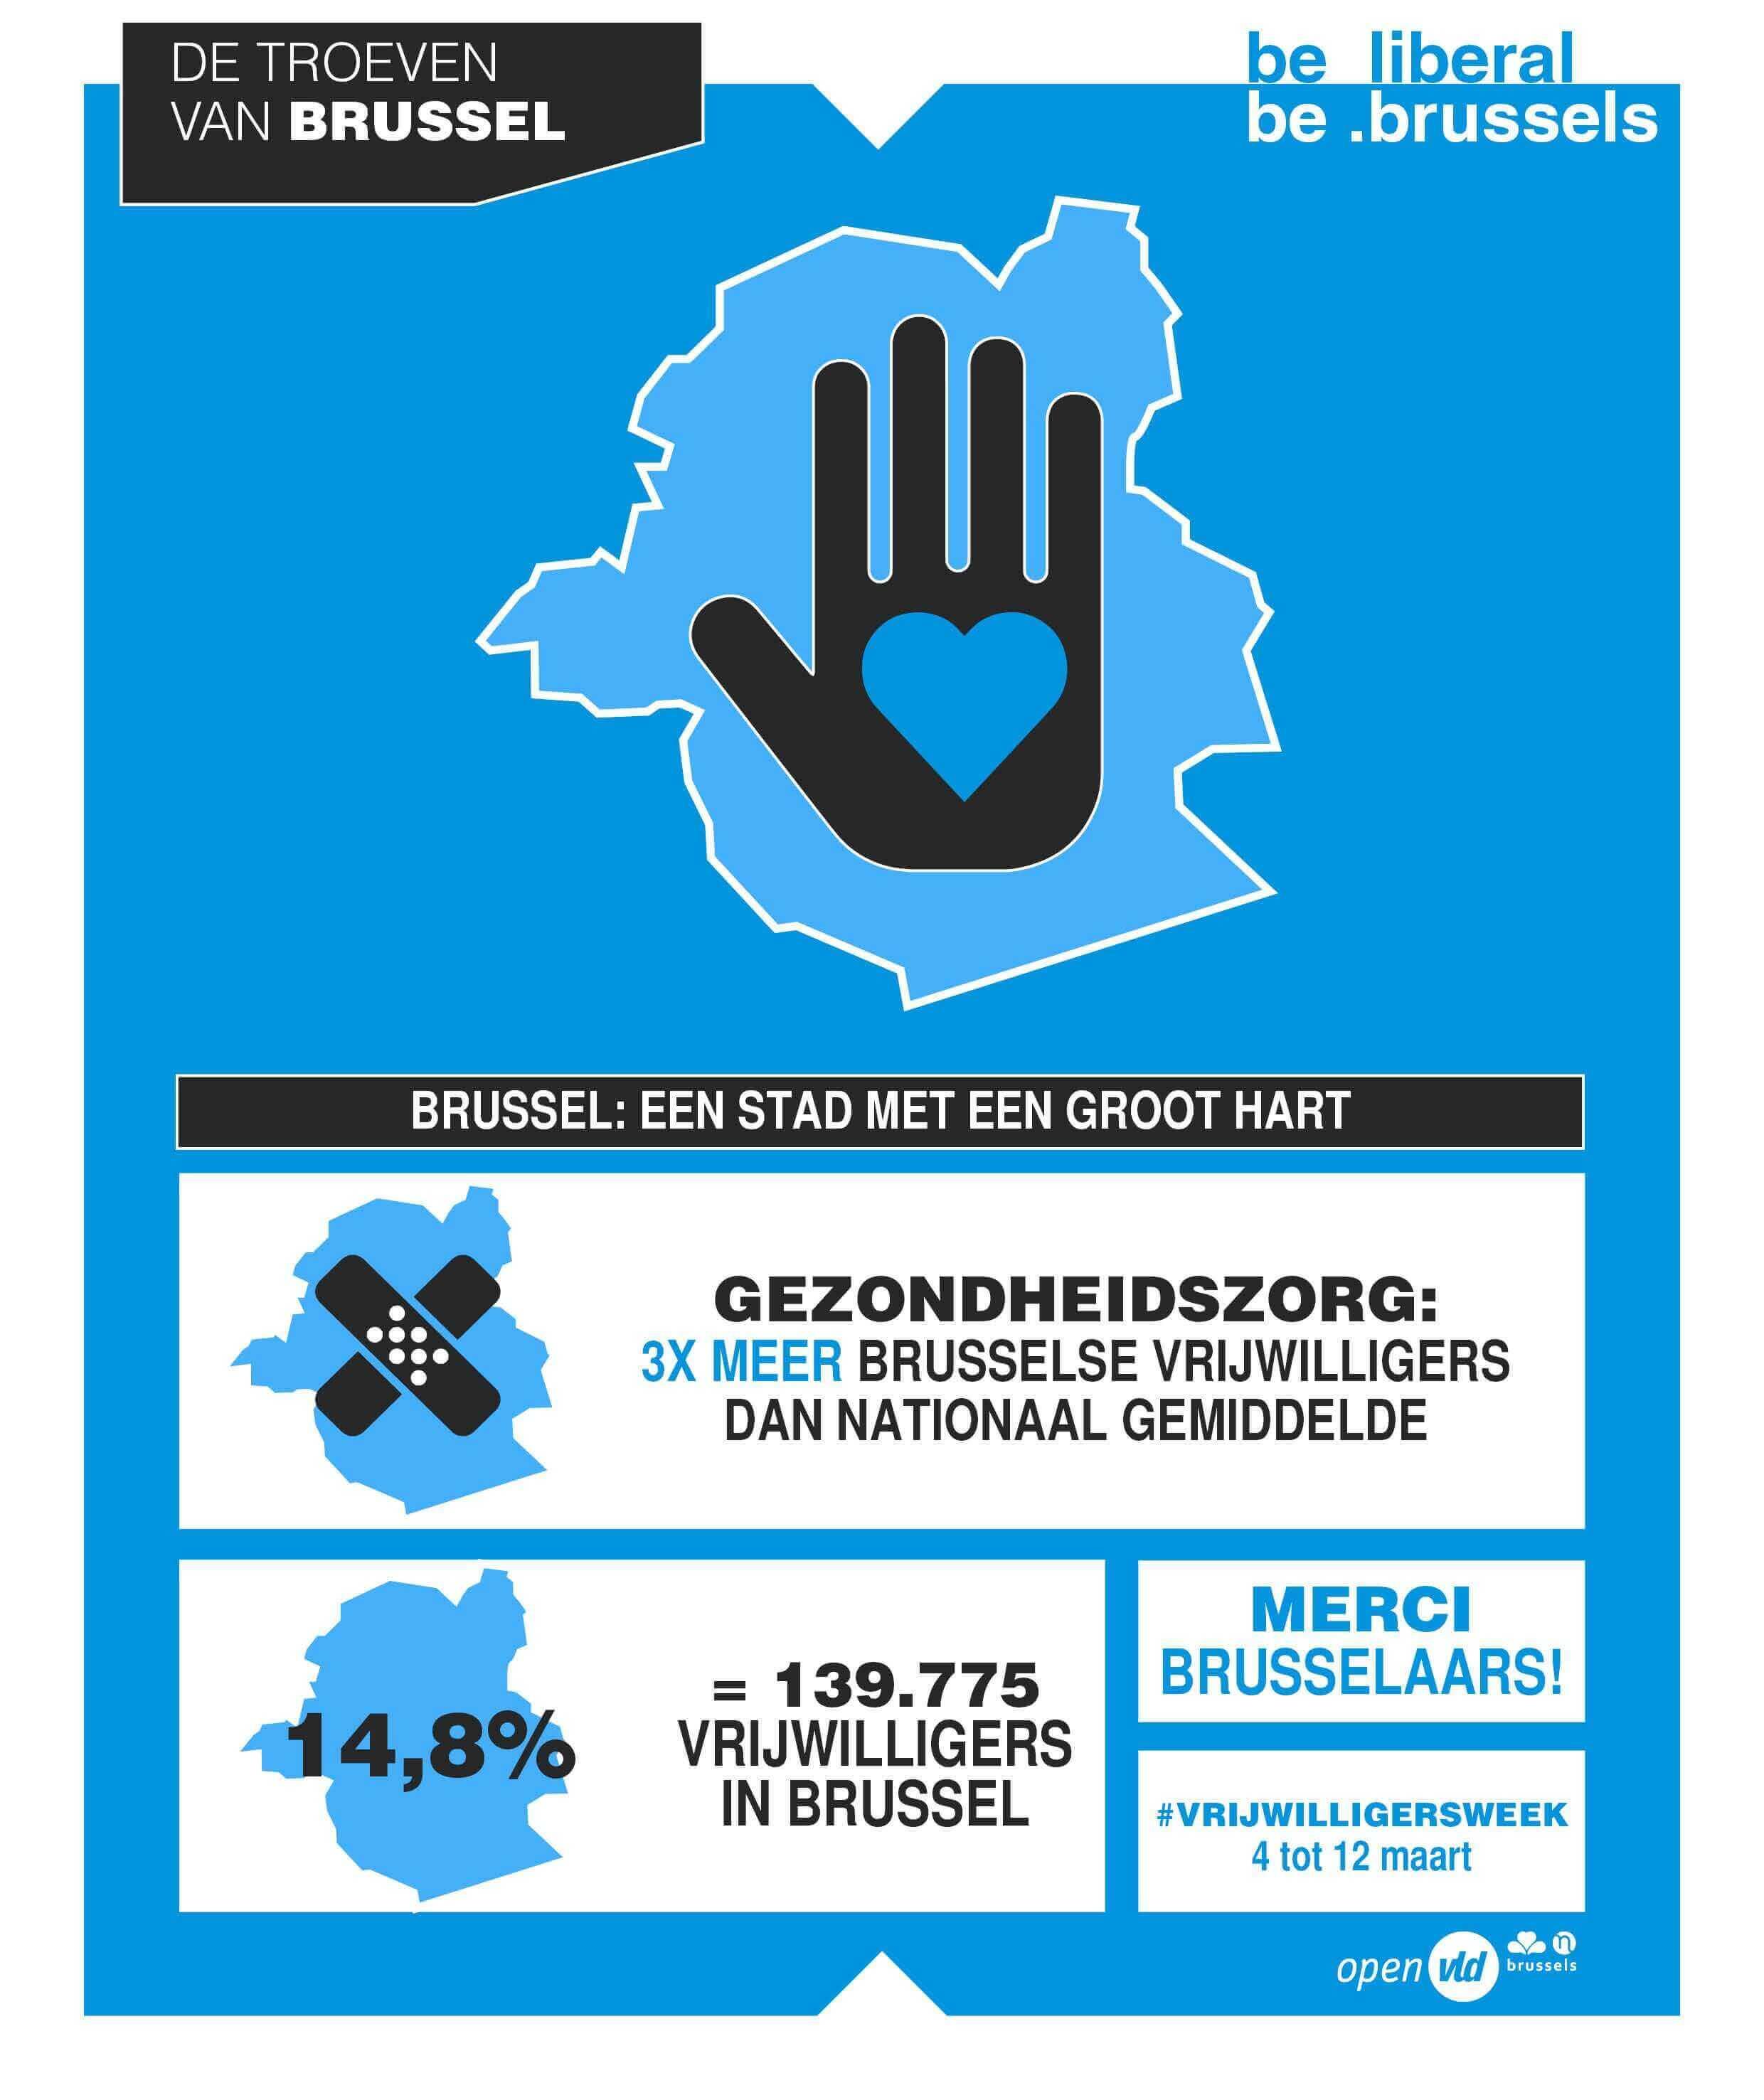 Brussel: een stad met een groot hart